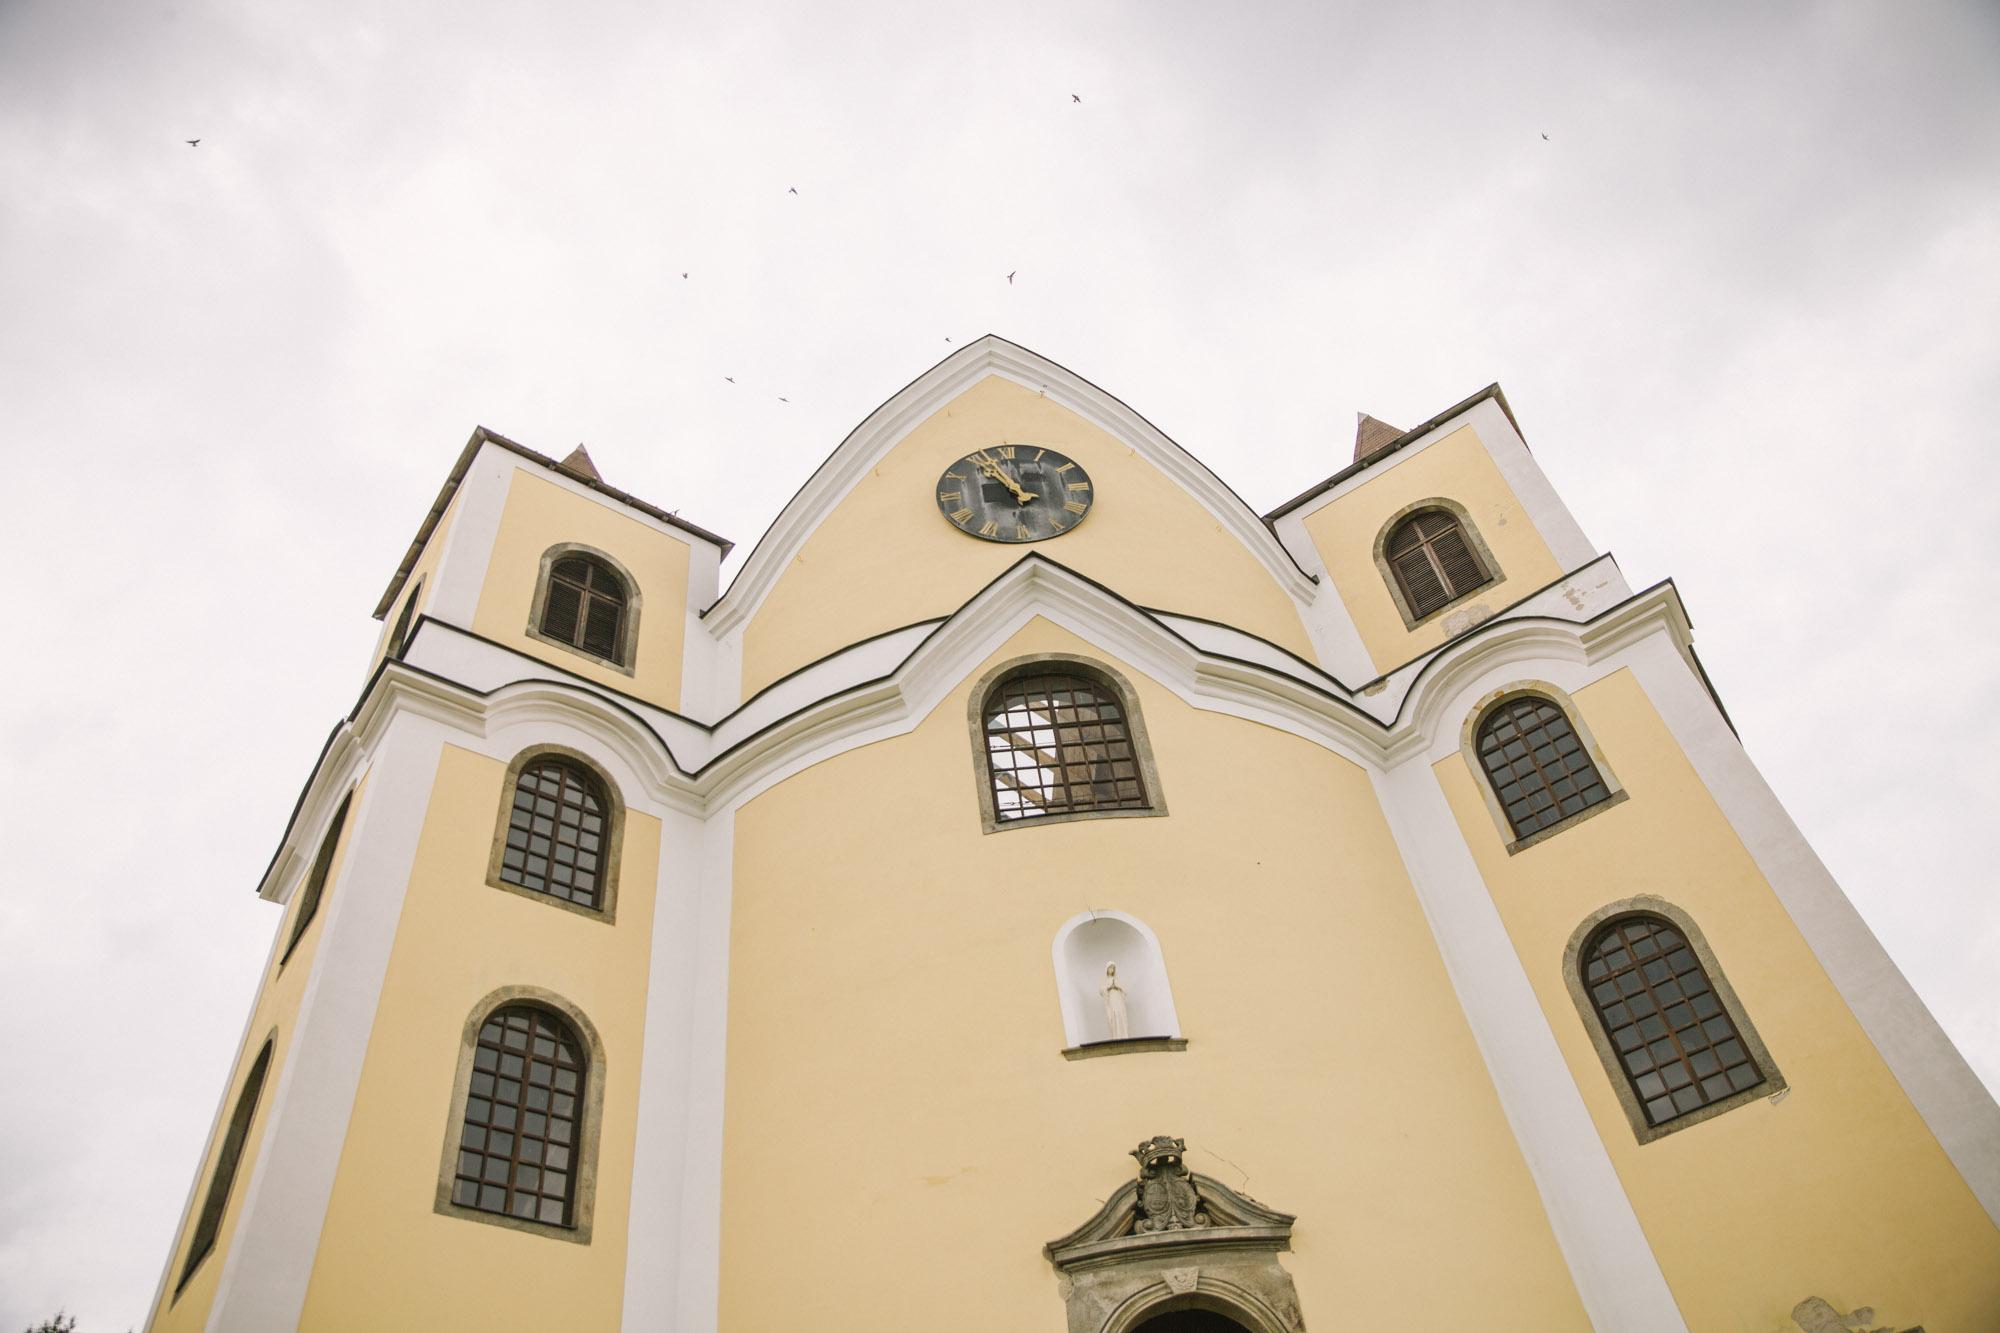 Svatba v kostele Neratov, bohémská svabta | Czech boho wedding | Svatba v orlických horách